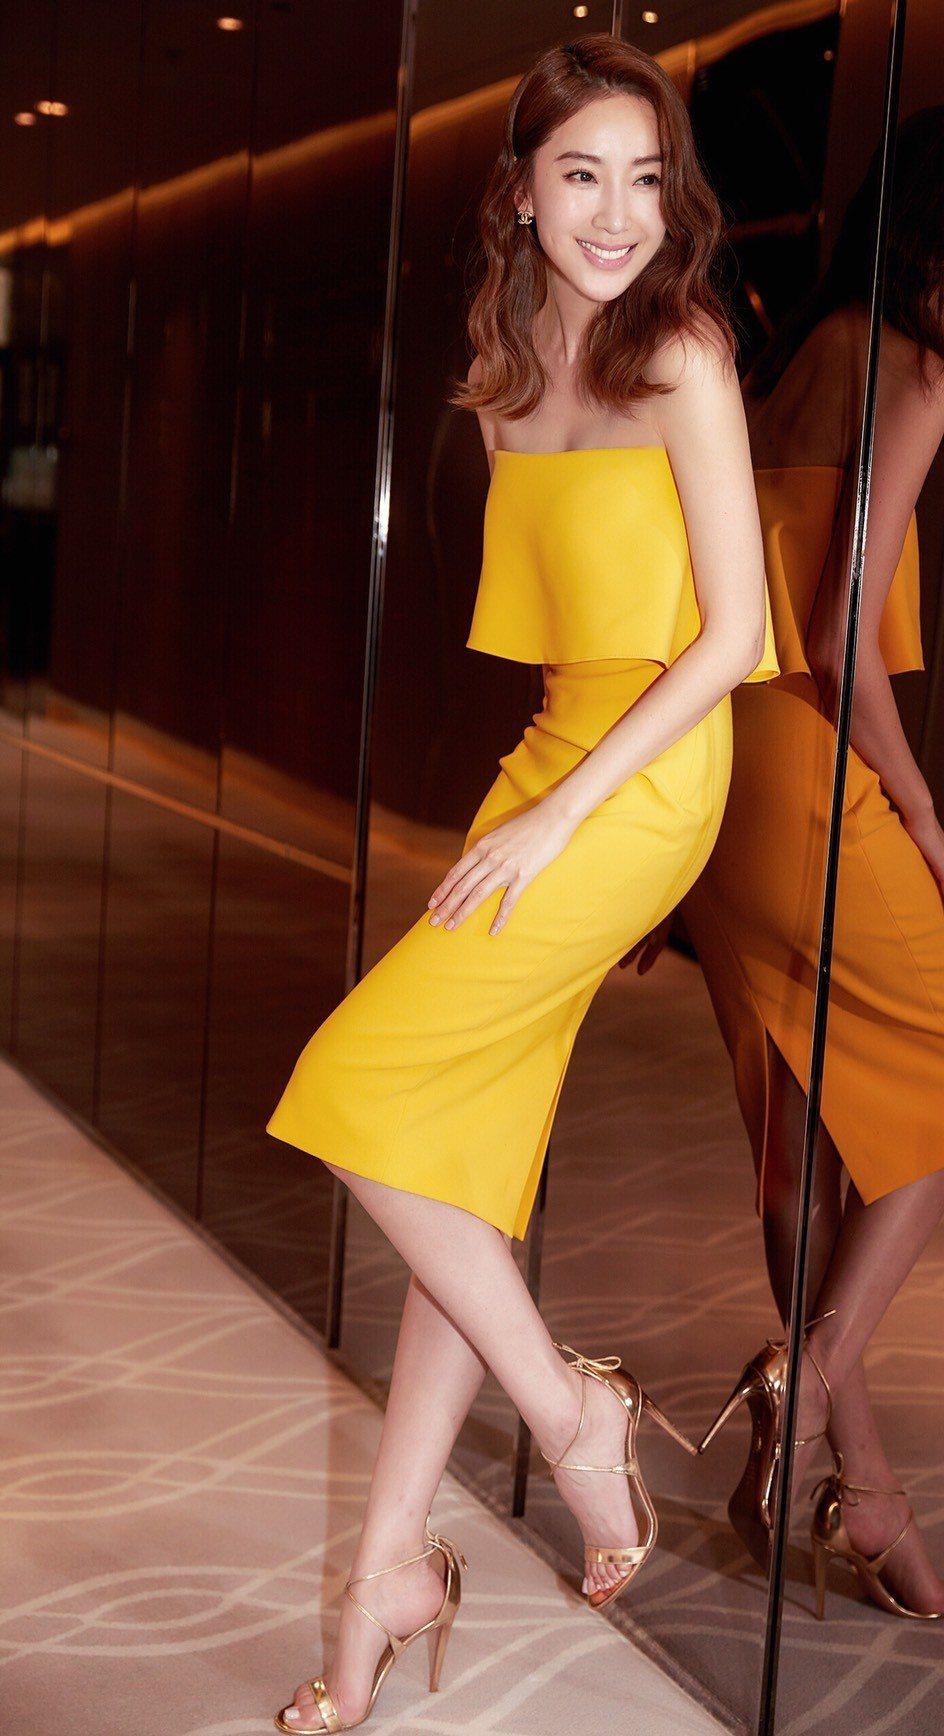 隋棠以一襲黃色小禮服出席「動物系戀人啊」發布會。圖/最大國際娛樂提供